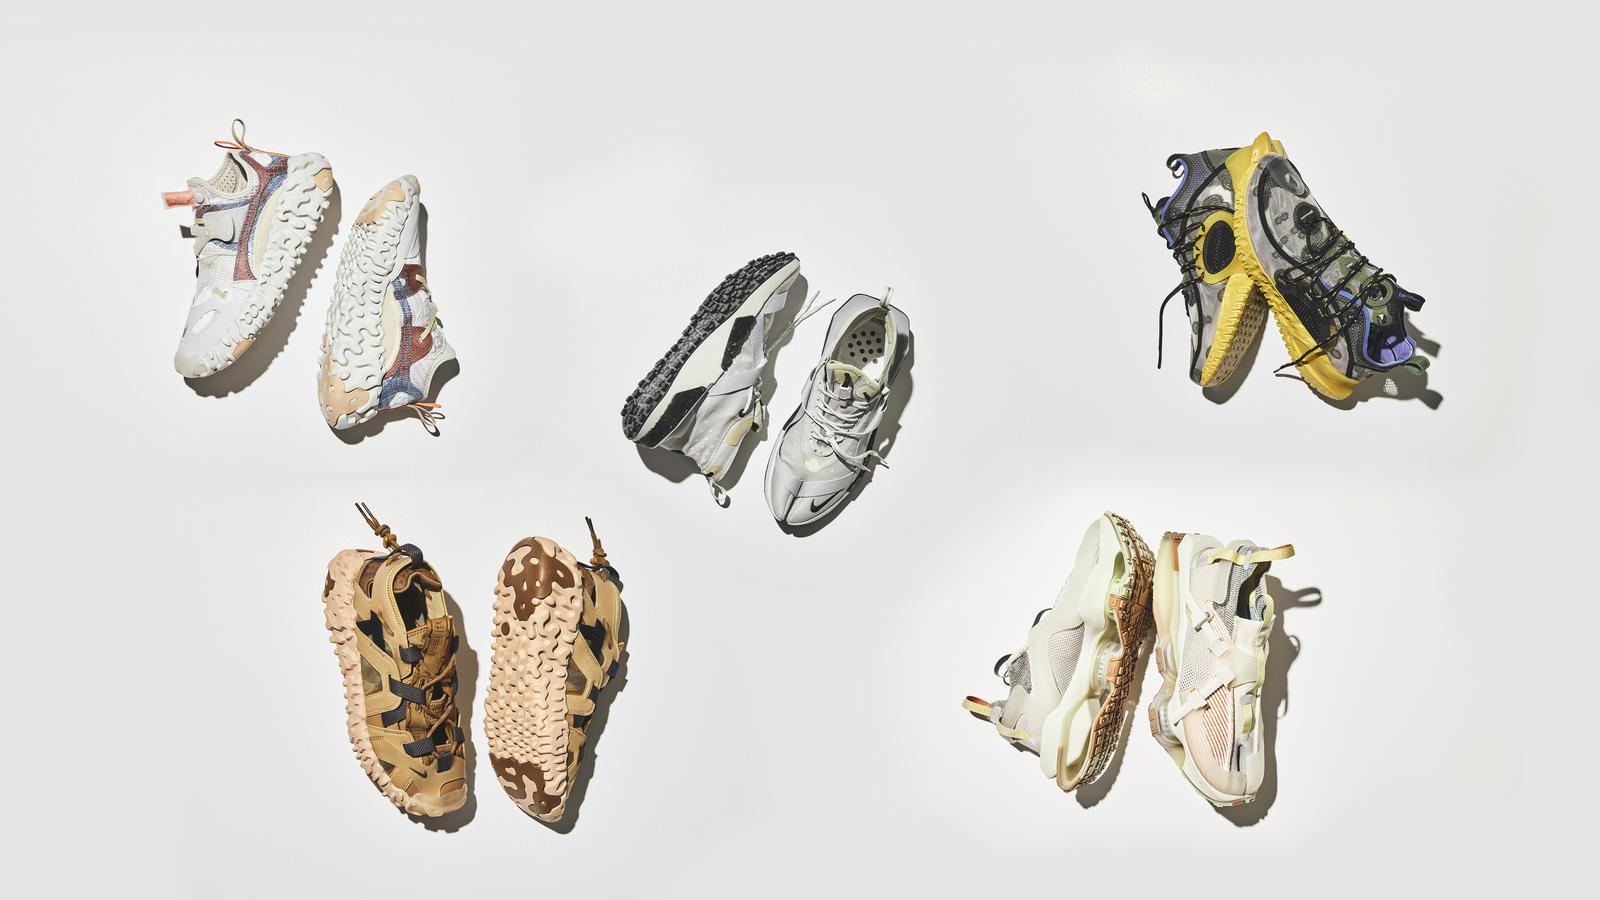 Nike ISPA 2020 Collection (ナイキ ISPA 2020 コレクション)